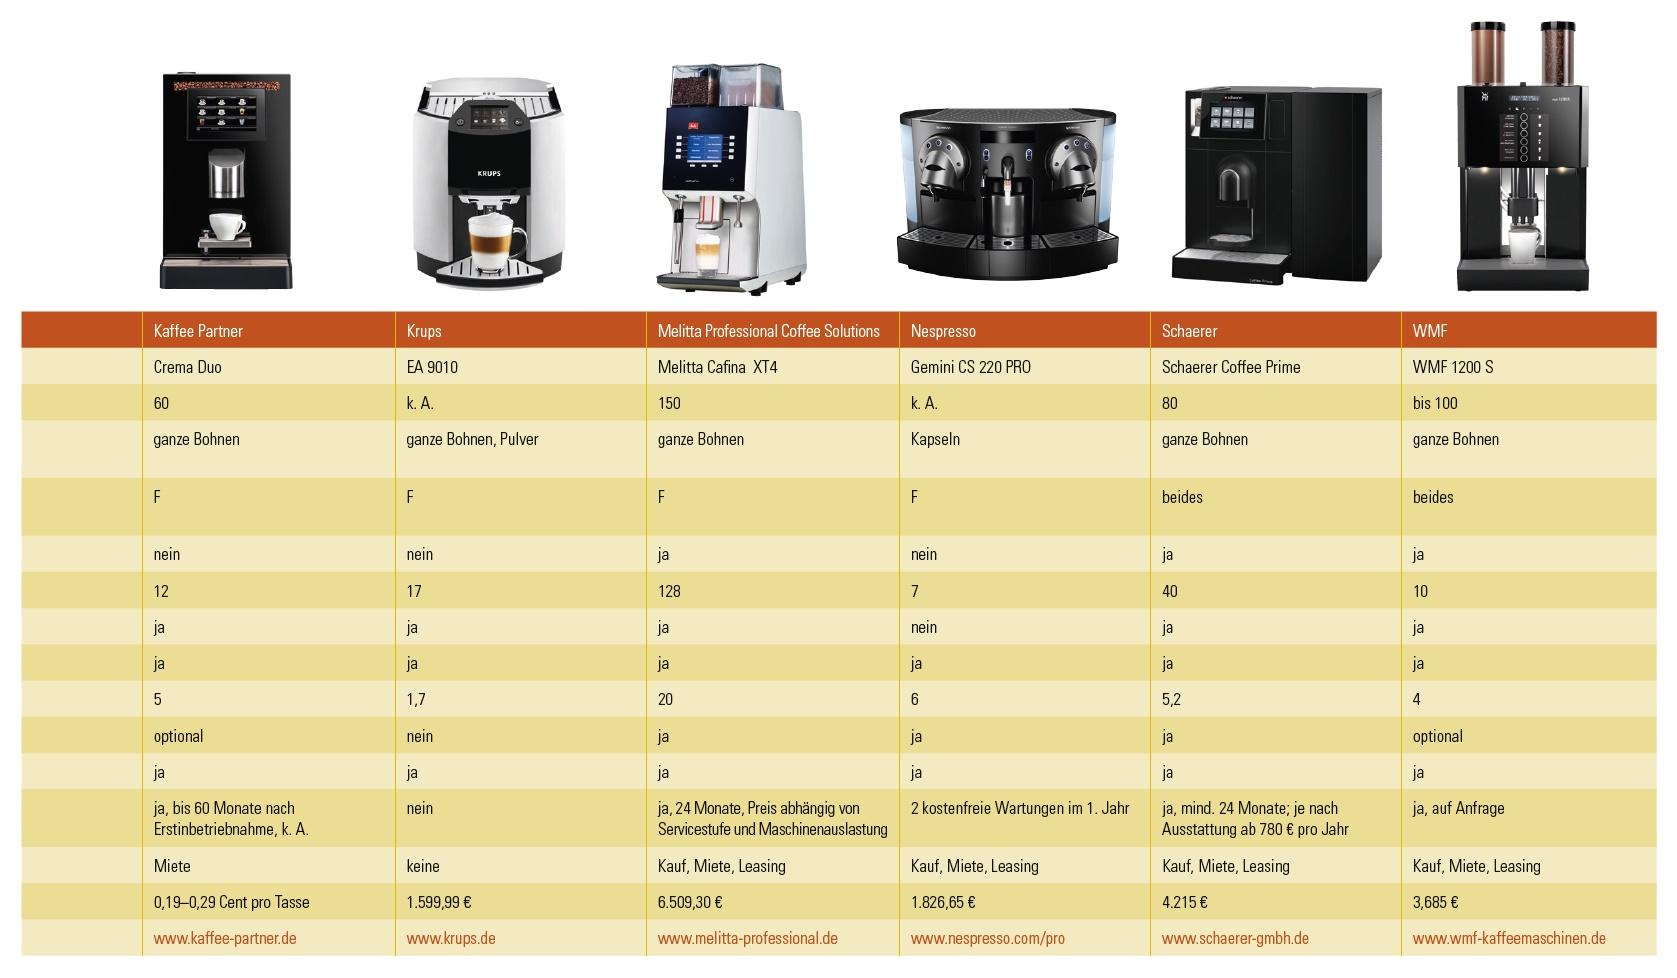 Marktübersicht 2016: 11 Kaffeevollautomaten für etwa 15 Mitarbeiter